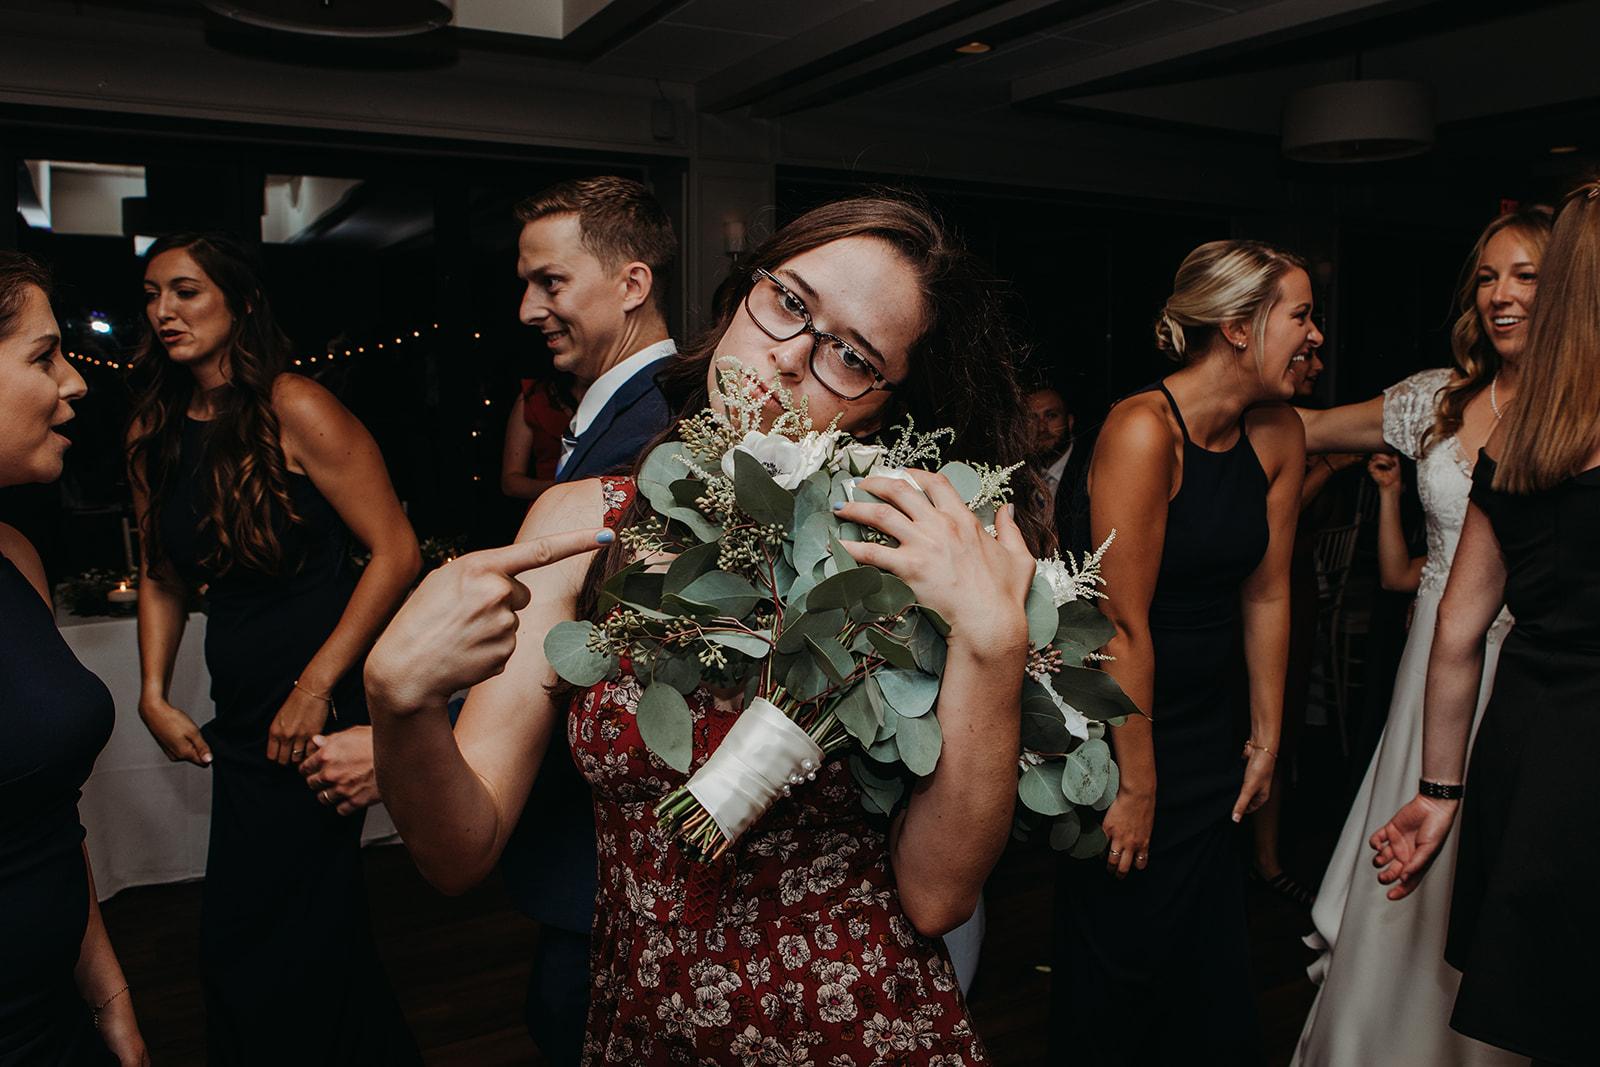 dances-bouquet-reception-2018200019.jpg